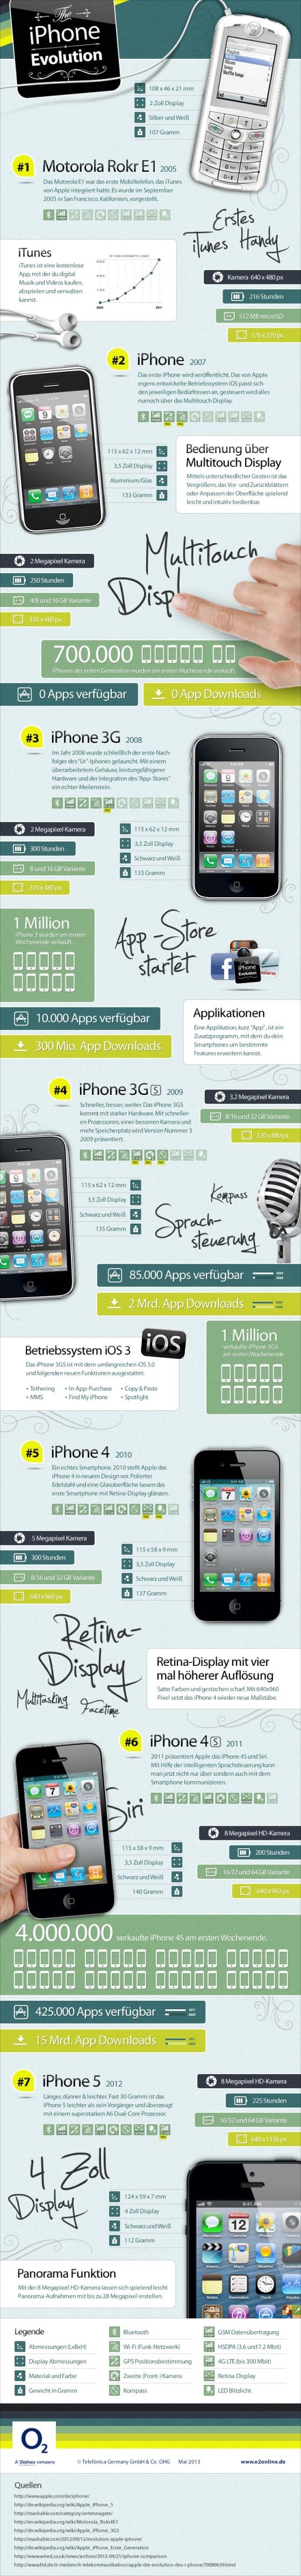 iPhone Evolution Teil 1: Der Wandel der Zeit